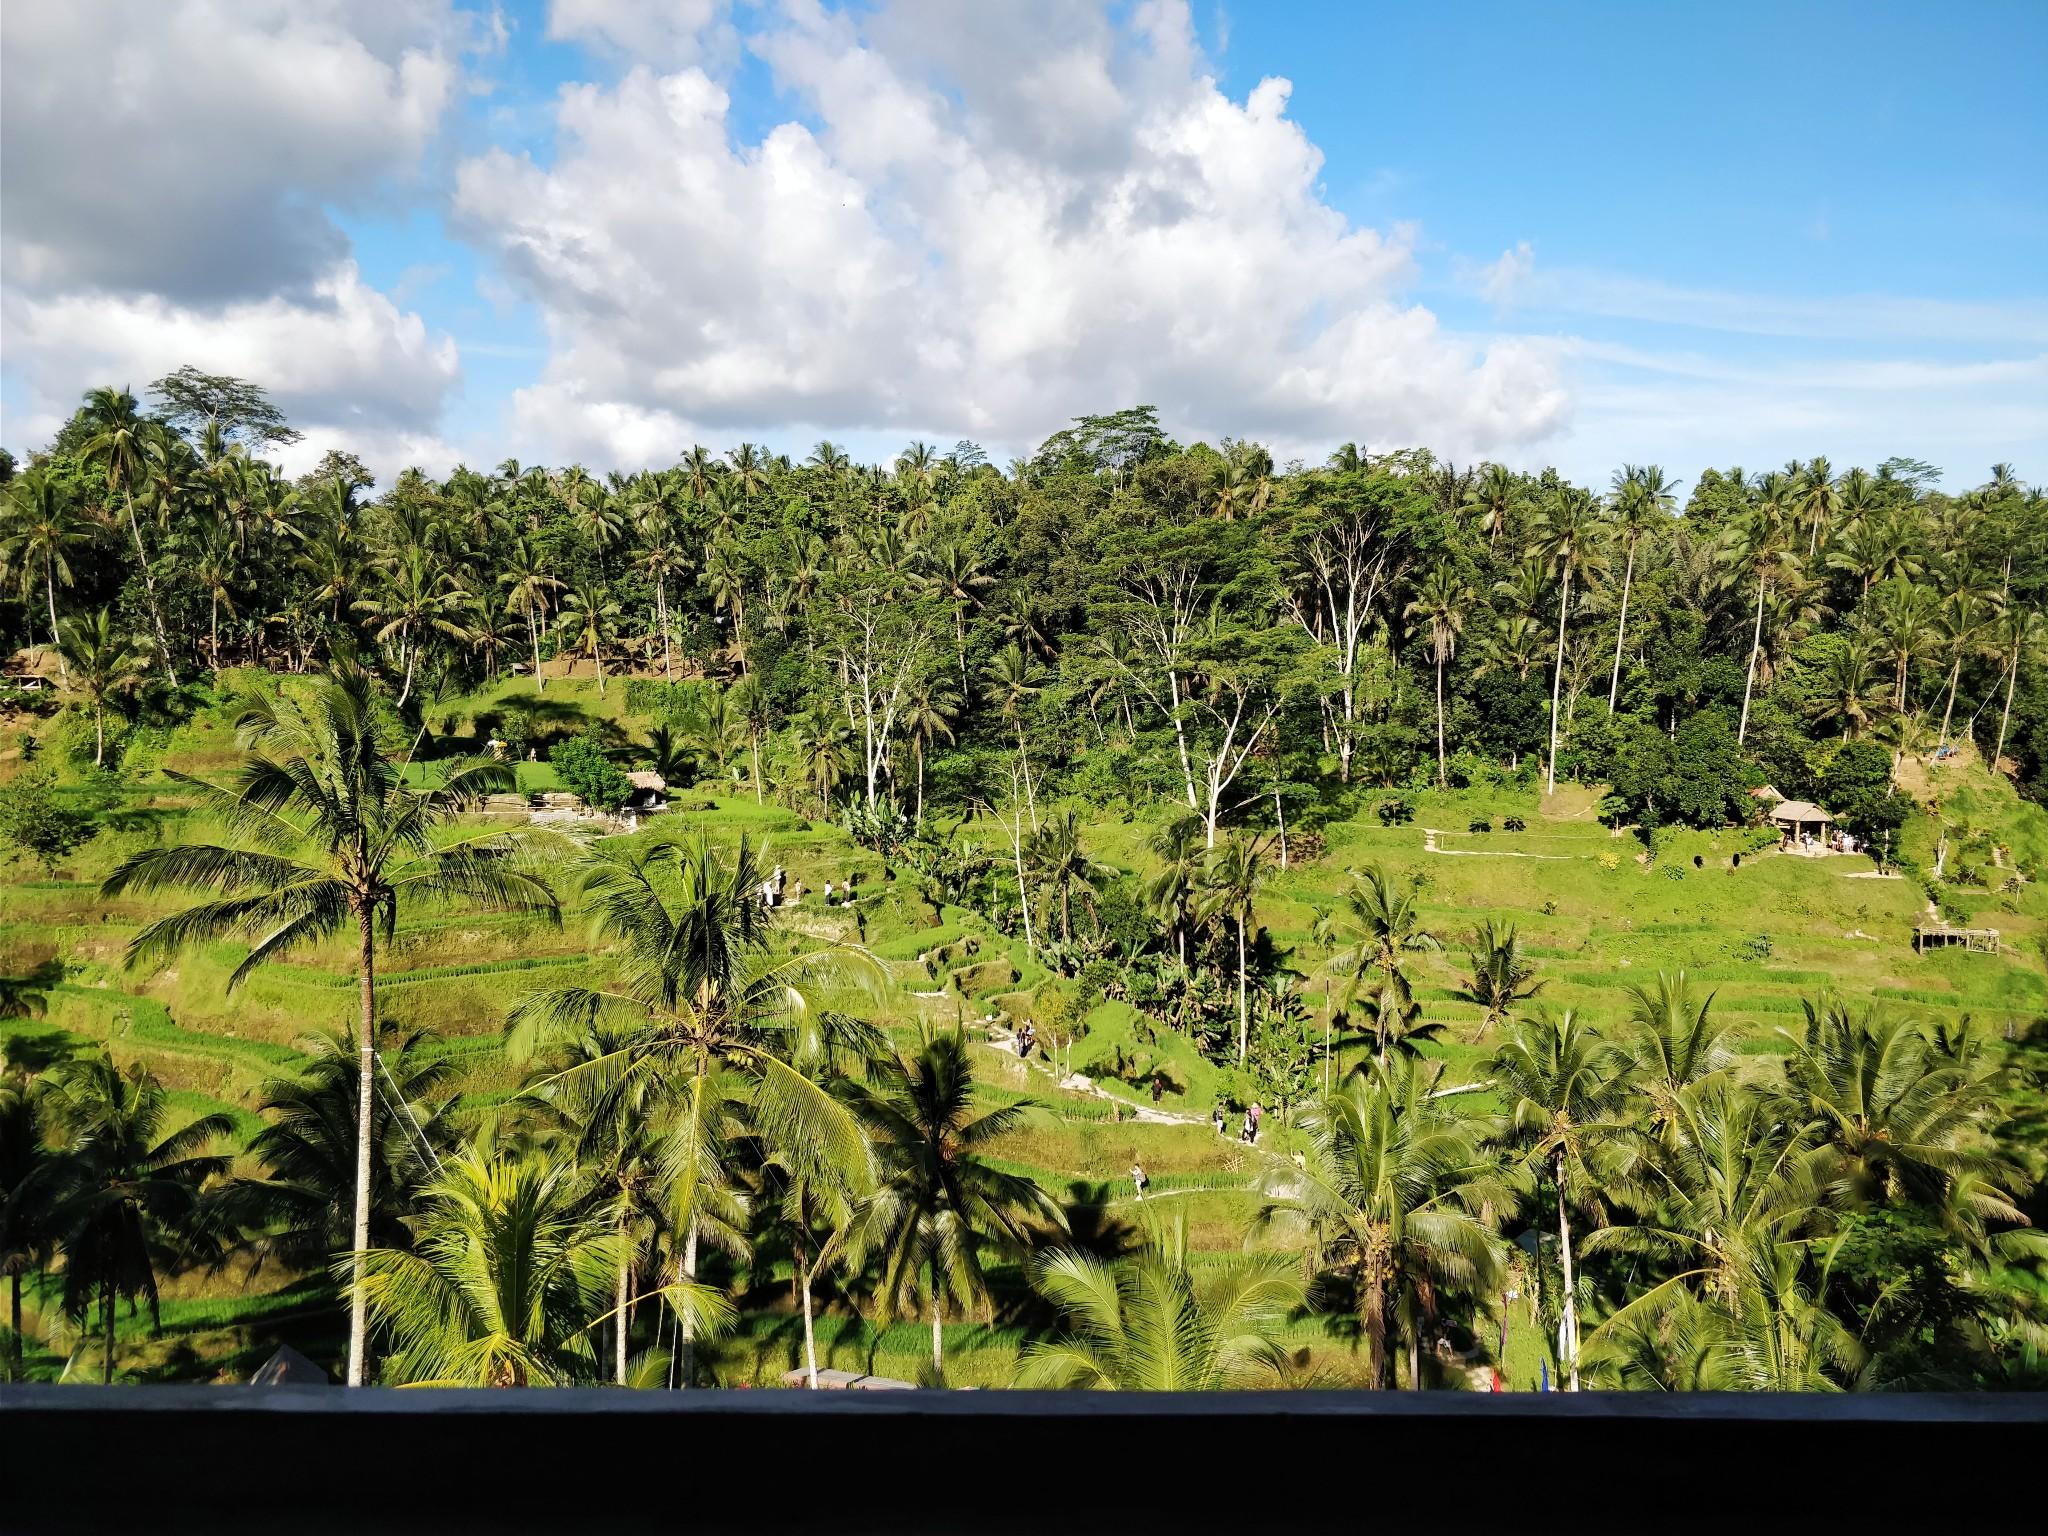 巴厘岛骑行路线有哪些,巴厘岛骑行路线推荐